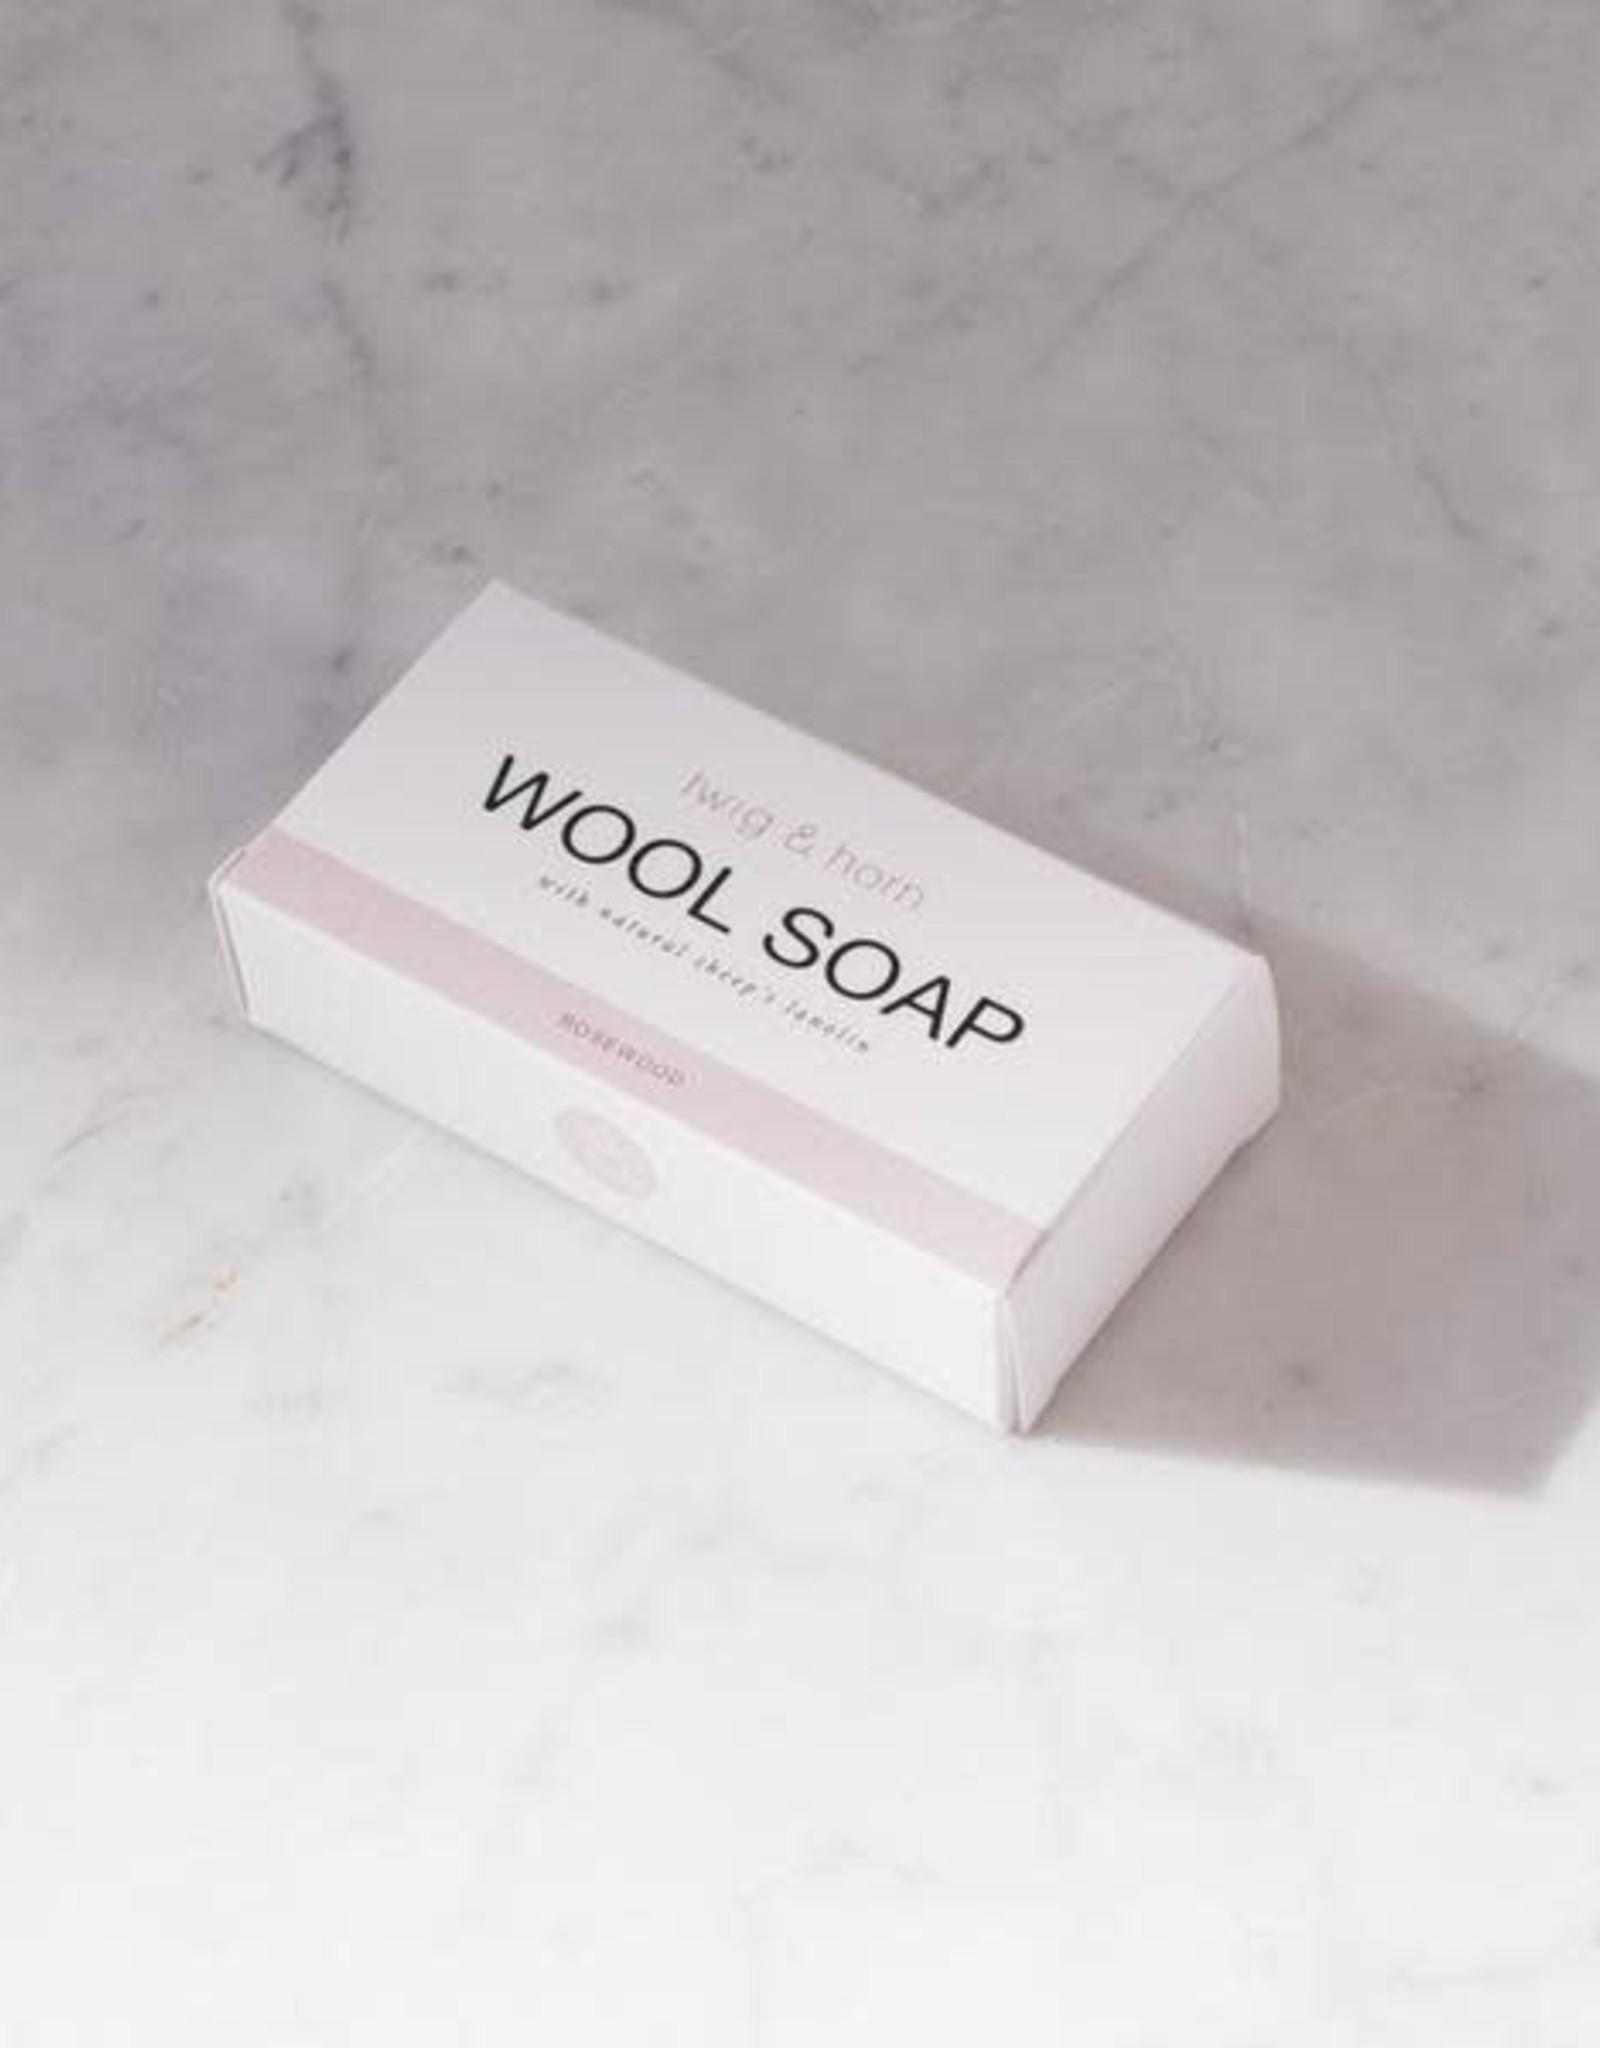 Twig & Horn Twig & Horn Wool Soap Bar